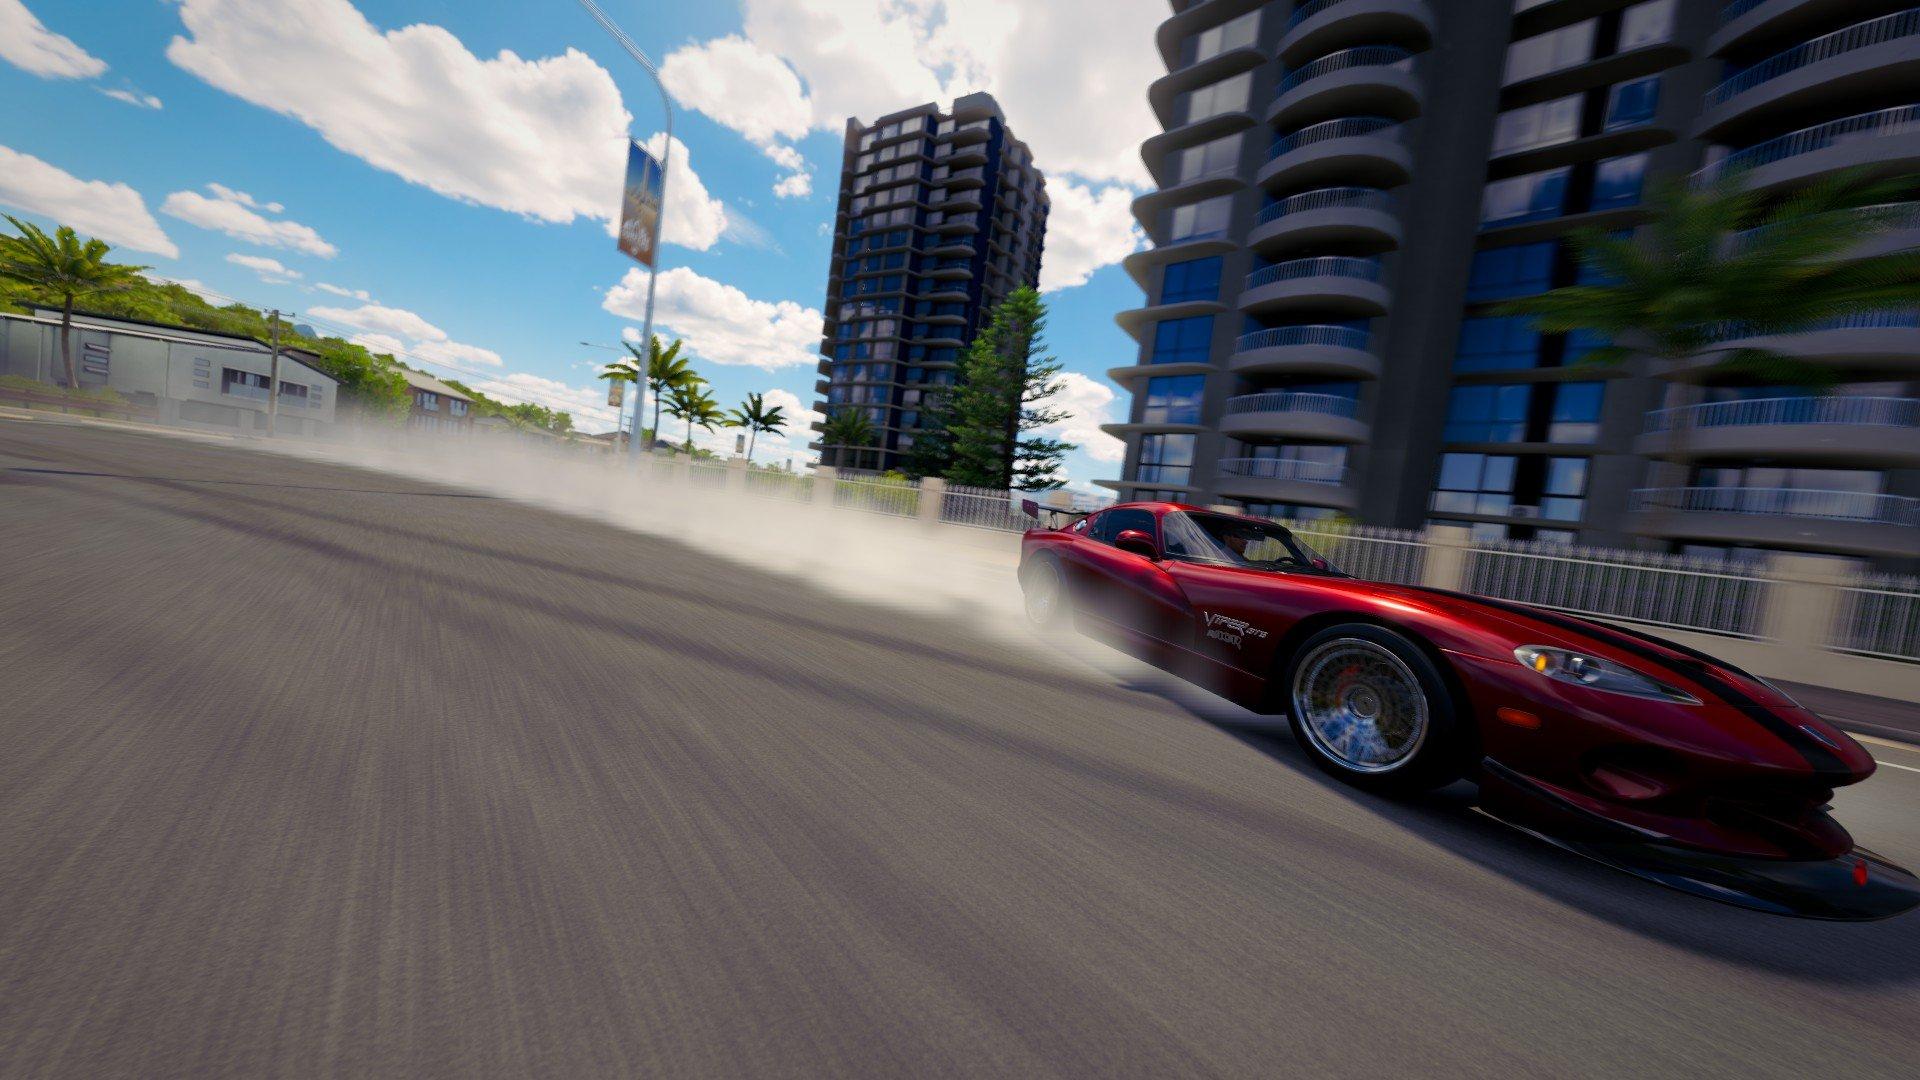 forza horizon 3, Drift, Dodge Viper, Video games Wallpaper